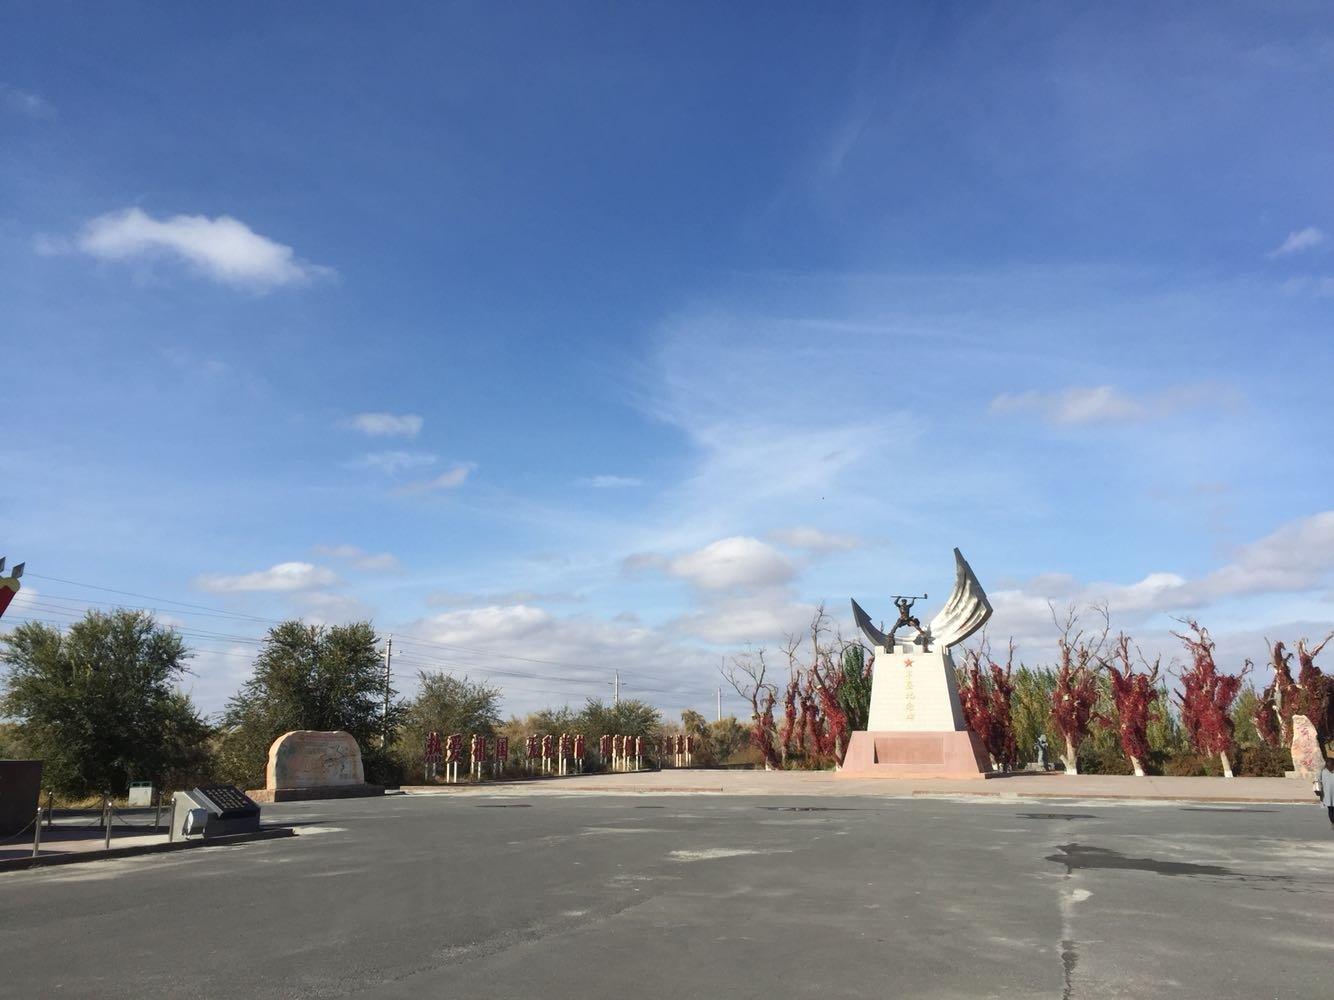 昌吉回族自治州玛纳斯县天气预报